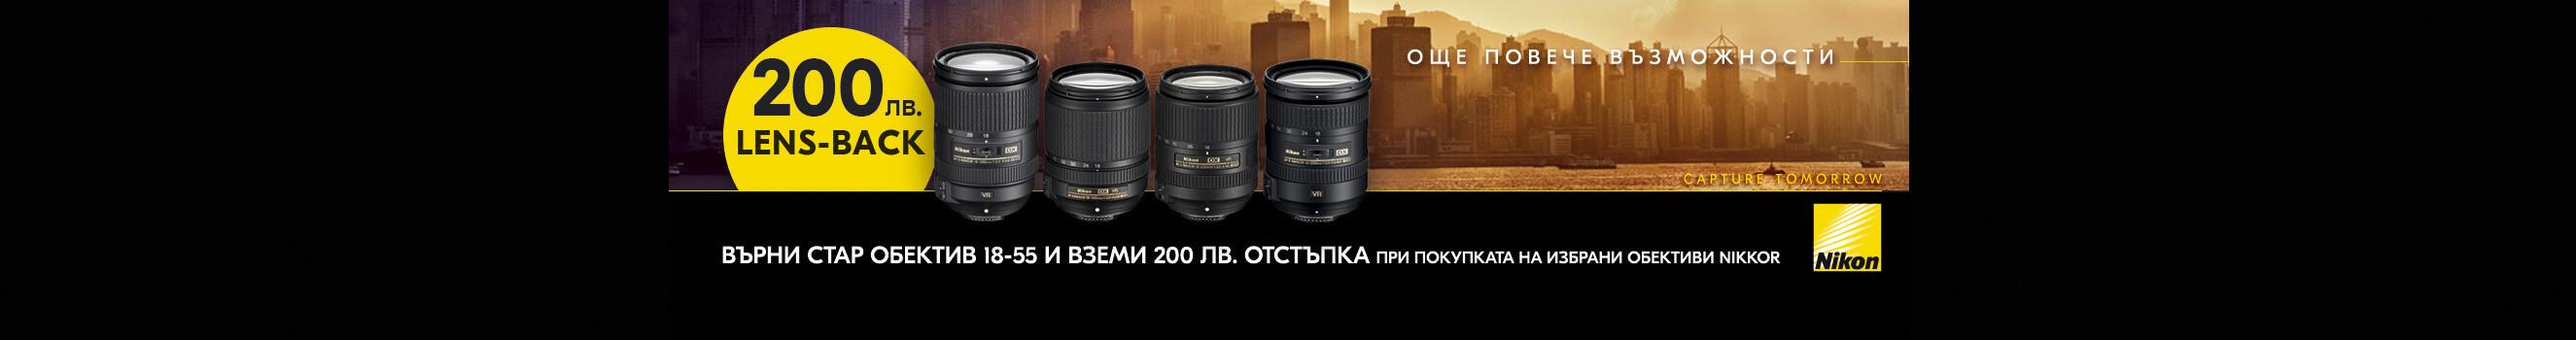 200 лв. отстъпка за избрани обективи Nikon при връщане на стар Nikon 18-55